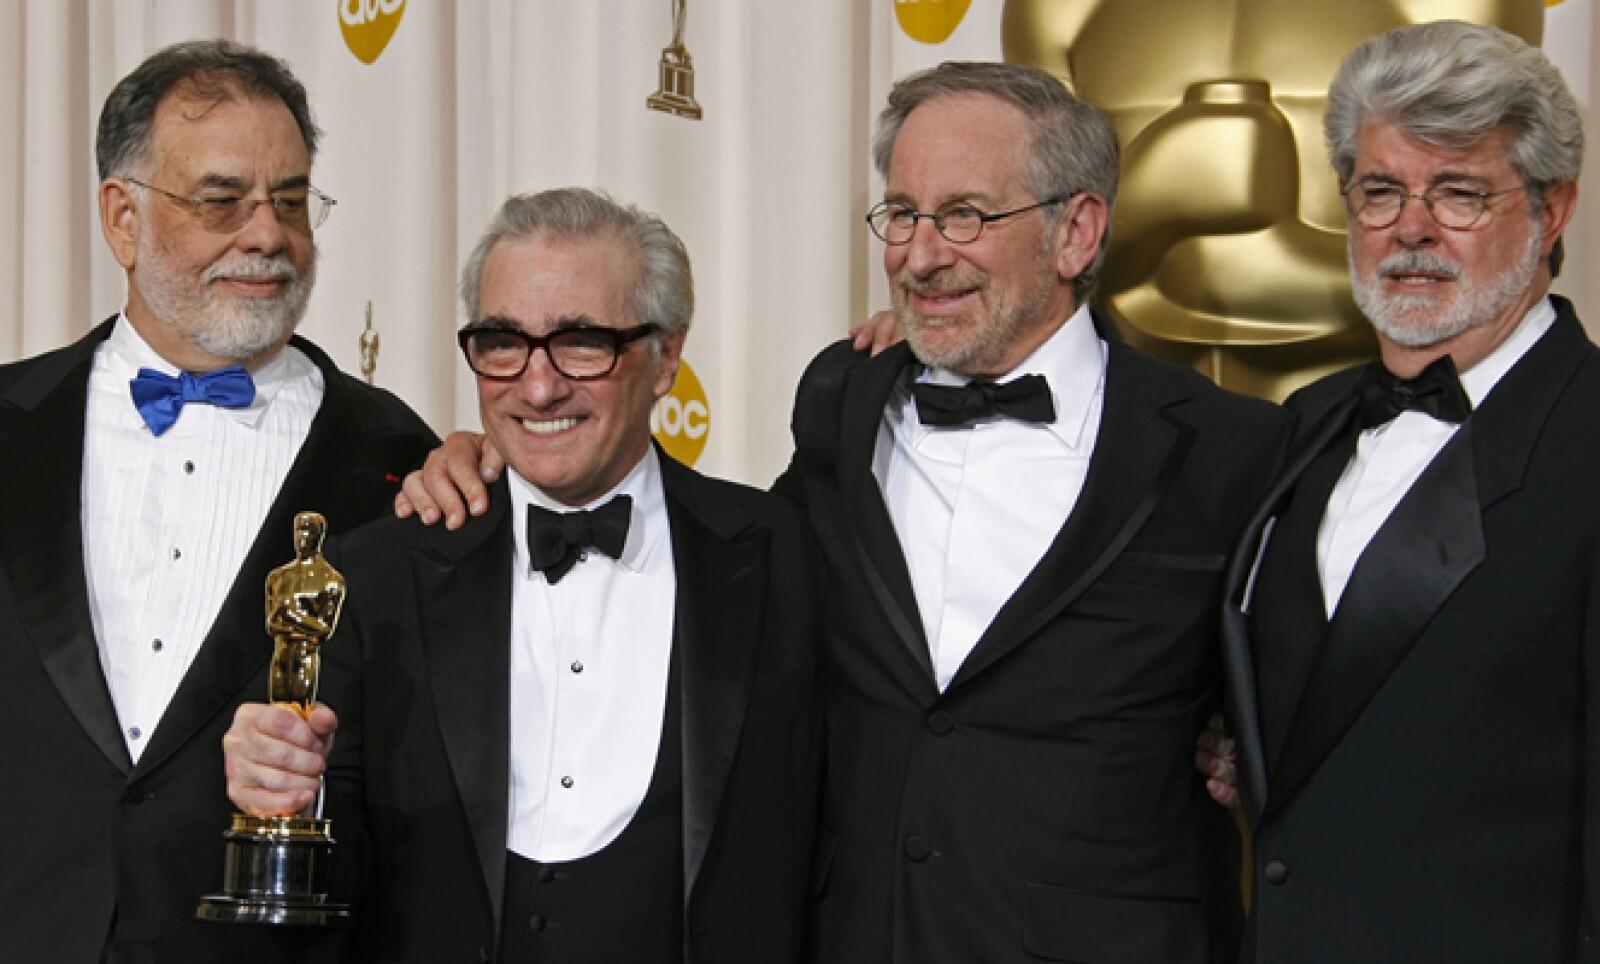 Este domingo se realiza la entrega número 85 de los Premios de la Academia.  En 2007 Martin Scorsese recibió el Oscar a mejor director por Los Infiltrados, luego de muchos años nominado por otras cintas.